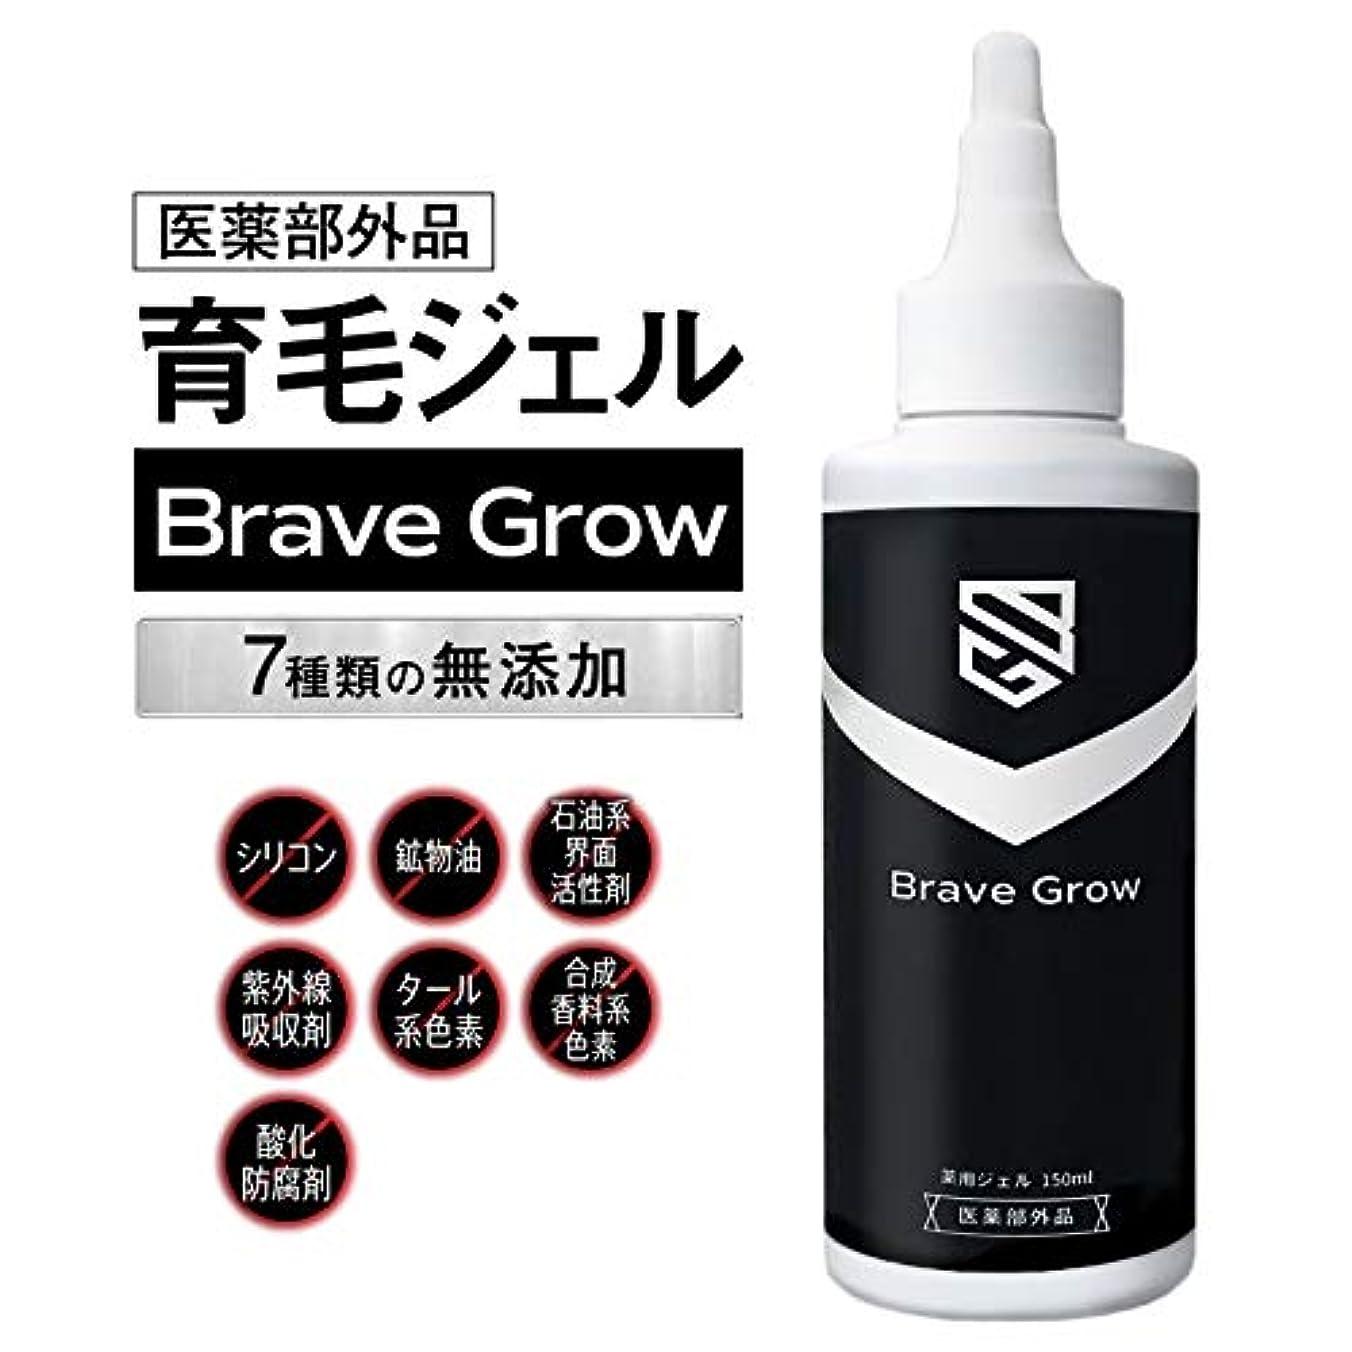 剃る拒絶エミュレーション育毛剤 BraveGrow ブレイブグロー 150ml 【医薬部外品】ジェルタイプ 男性